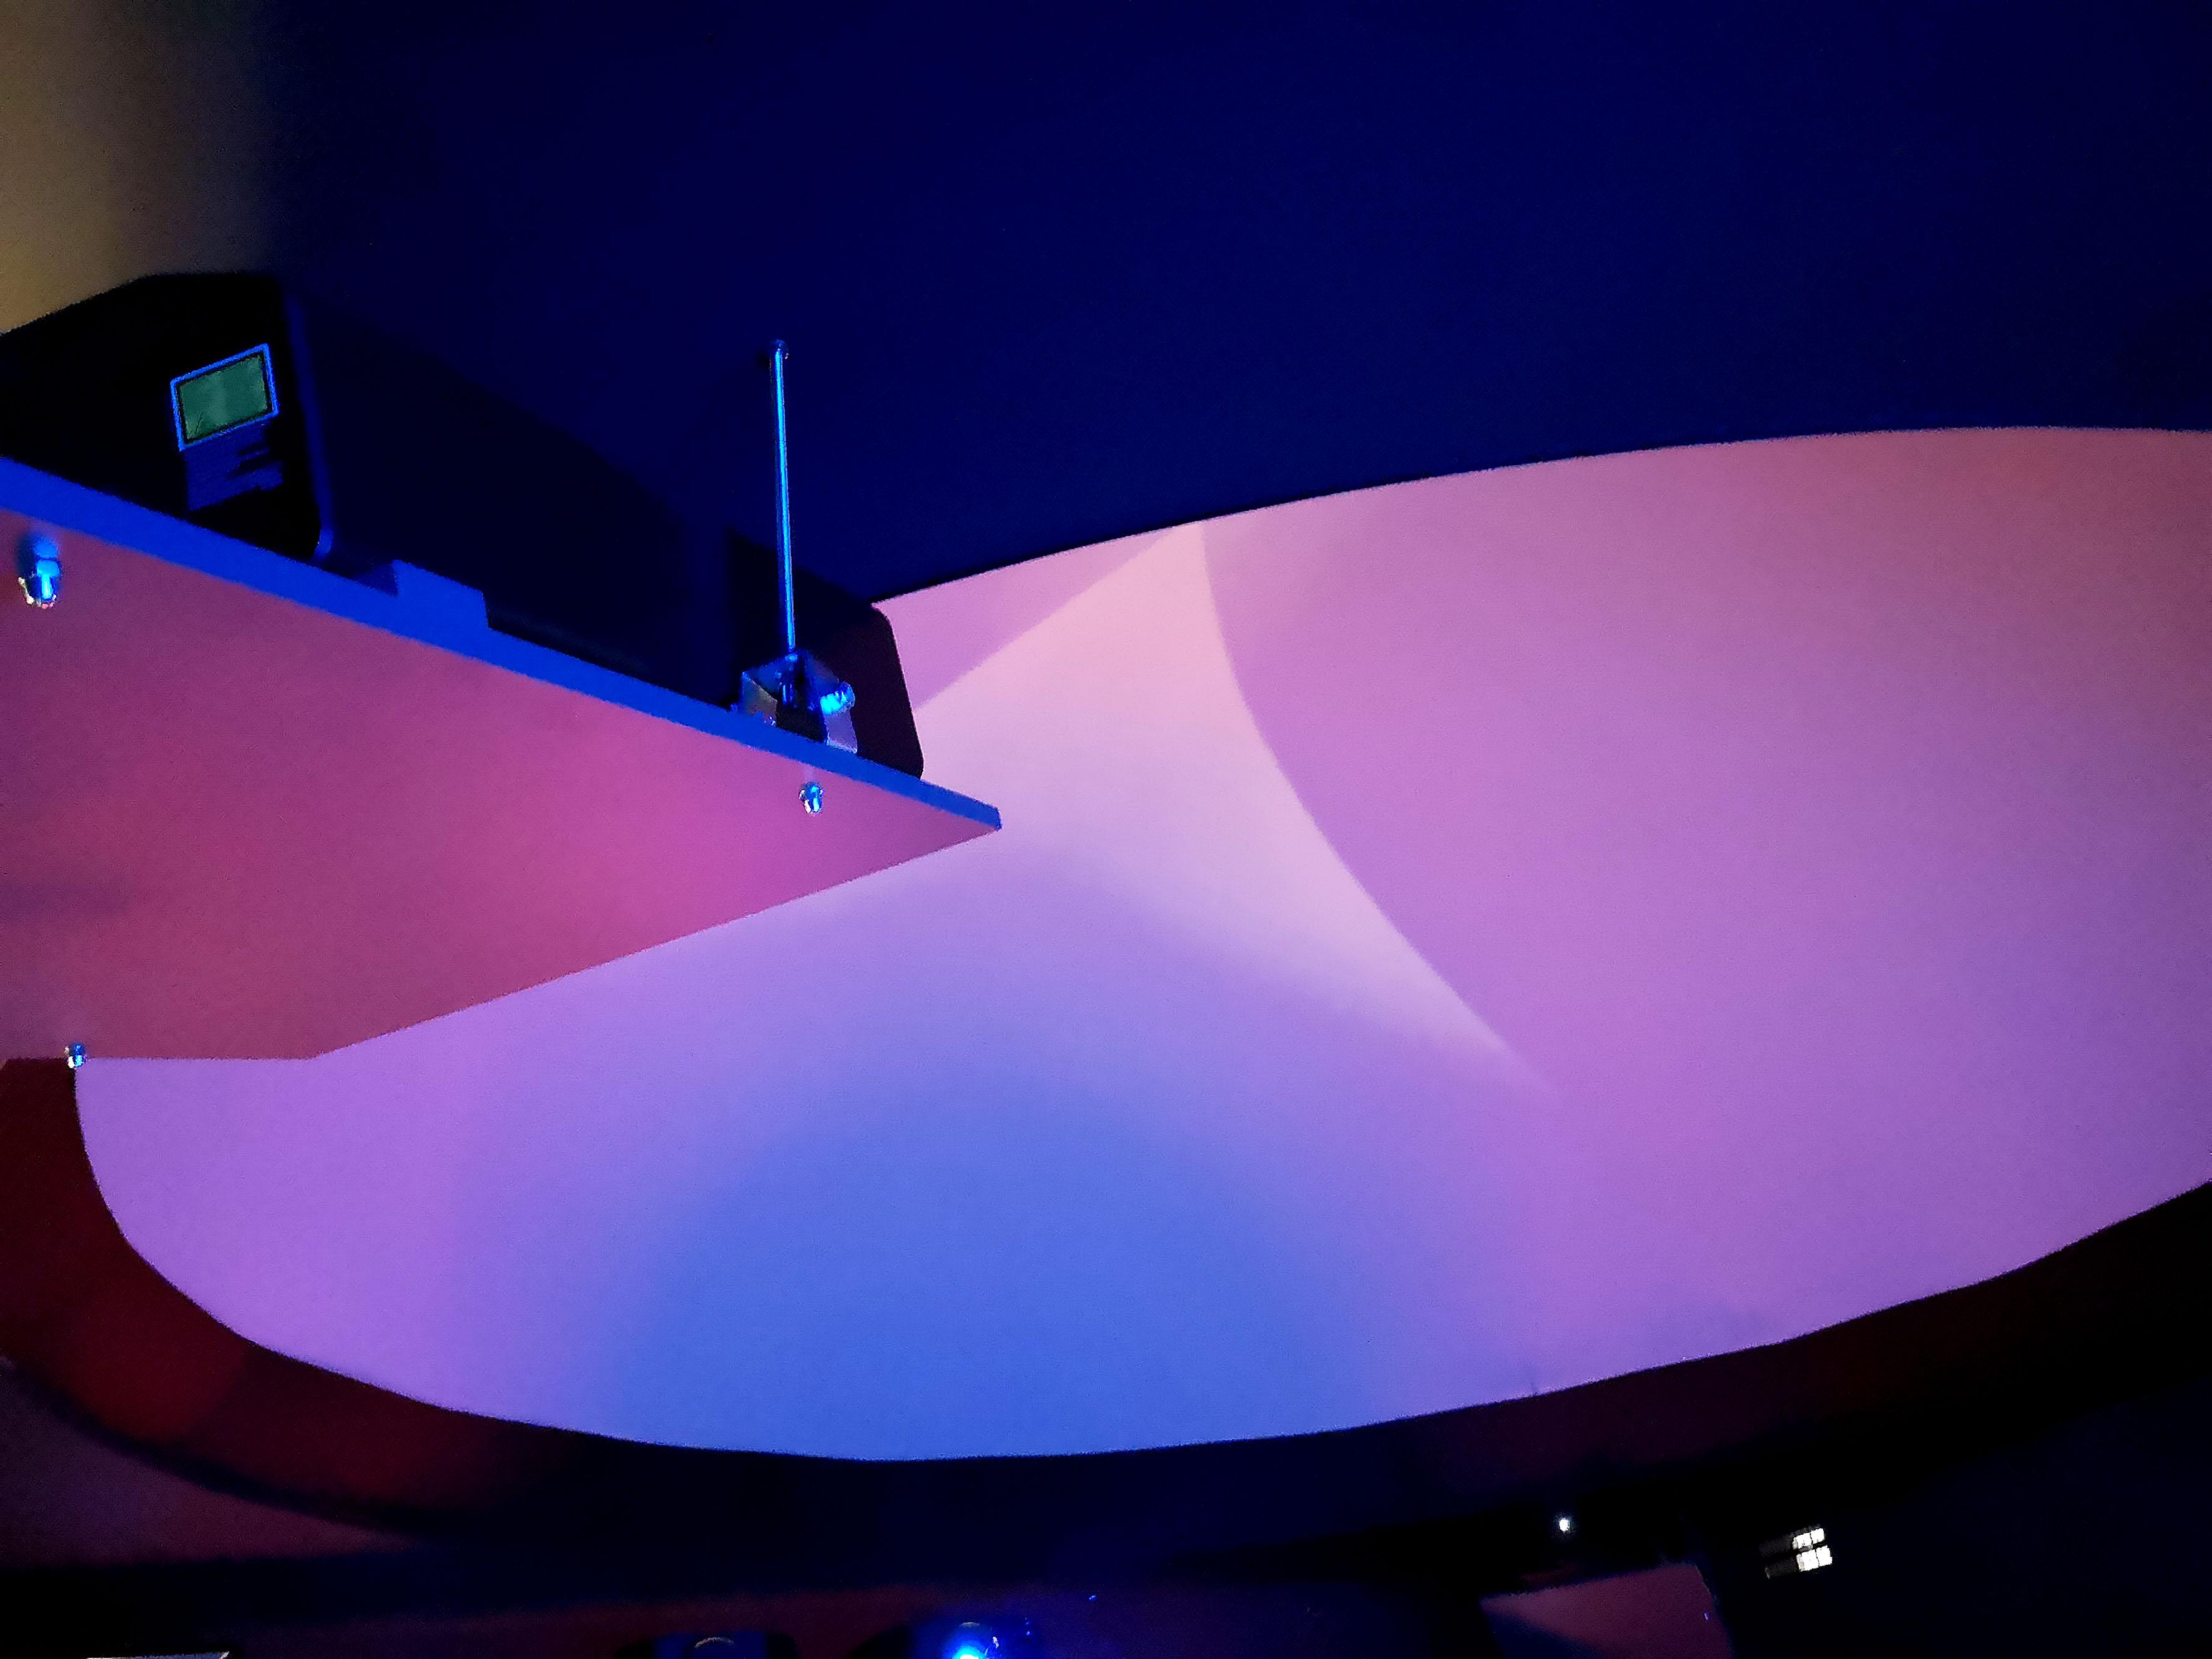 Foto: Michael B. Rehders - Einer von zwei JVC DLA-NX9 projiziert auf die riesige Kuppel.